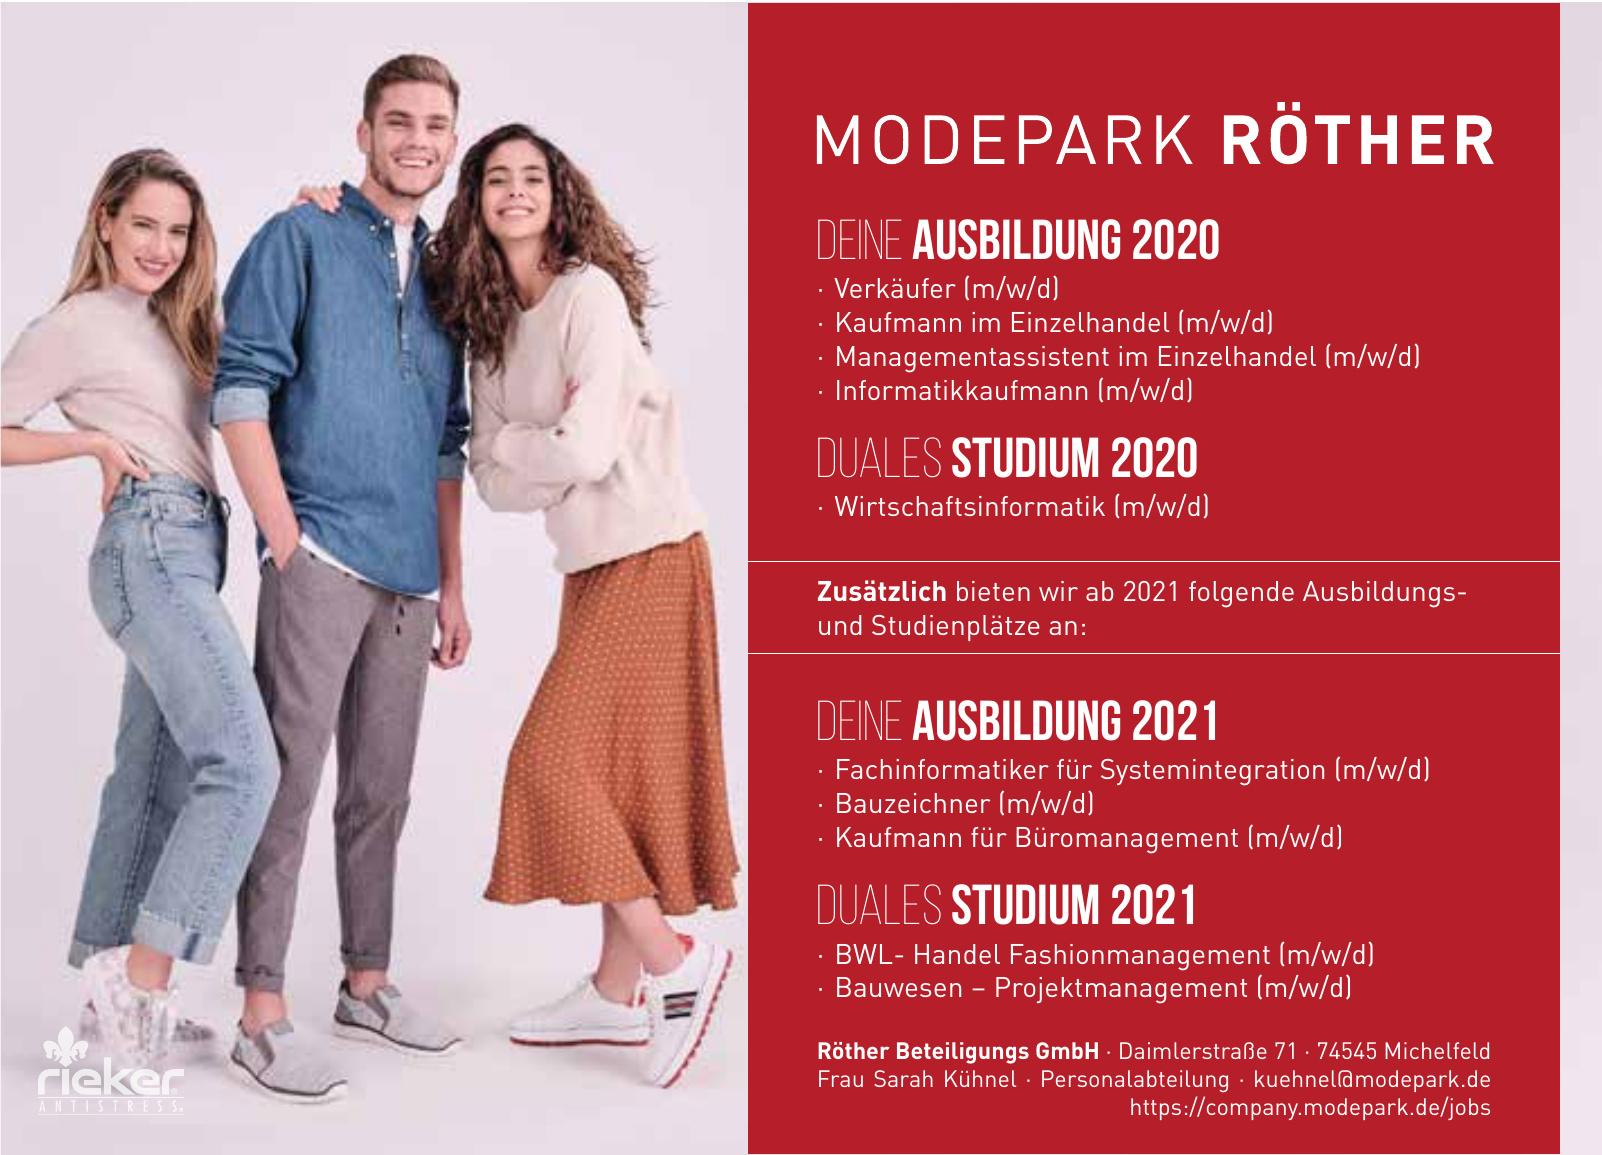 Röther Beteiligungs GmbH